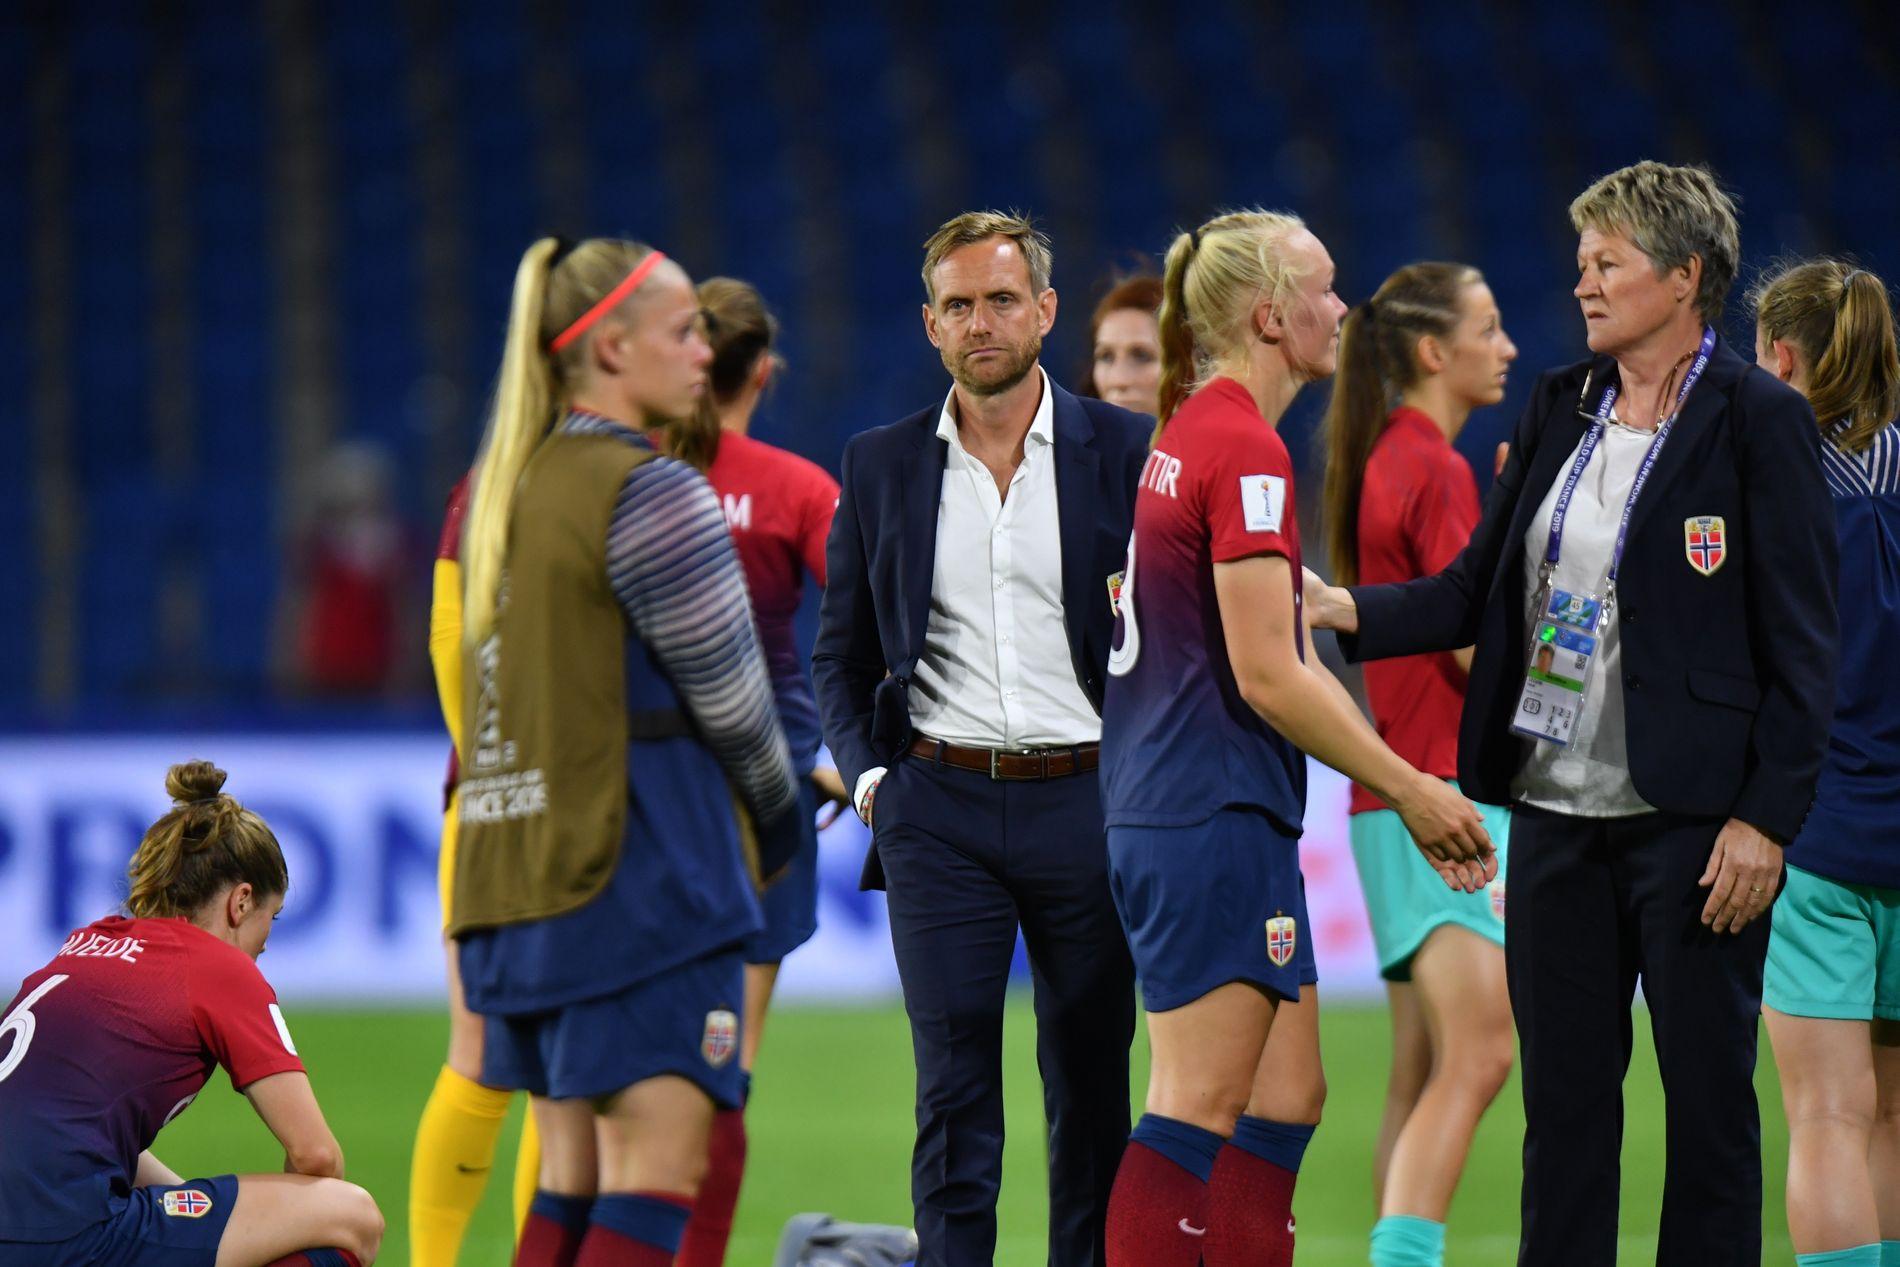 TUNG SLUTT: Martin Sjögren har løftet det norske laget etter EM for to år siden, men i kvartfinalen ble det brått slutt. Til høyre Maria Thorisdottir og teamleder Heidi Støre. Til venstre Therese Sessy Åsland.